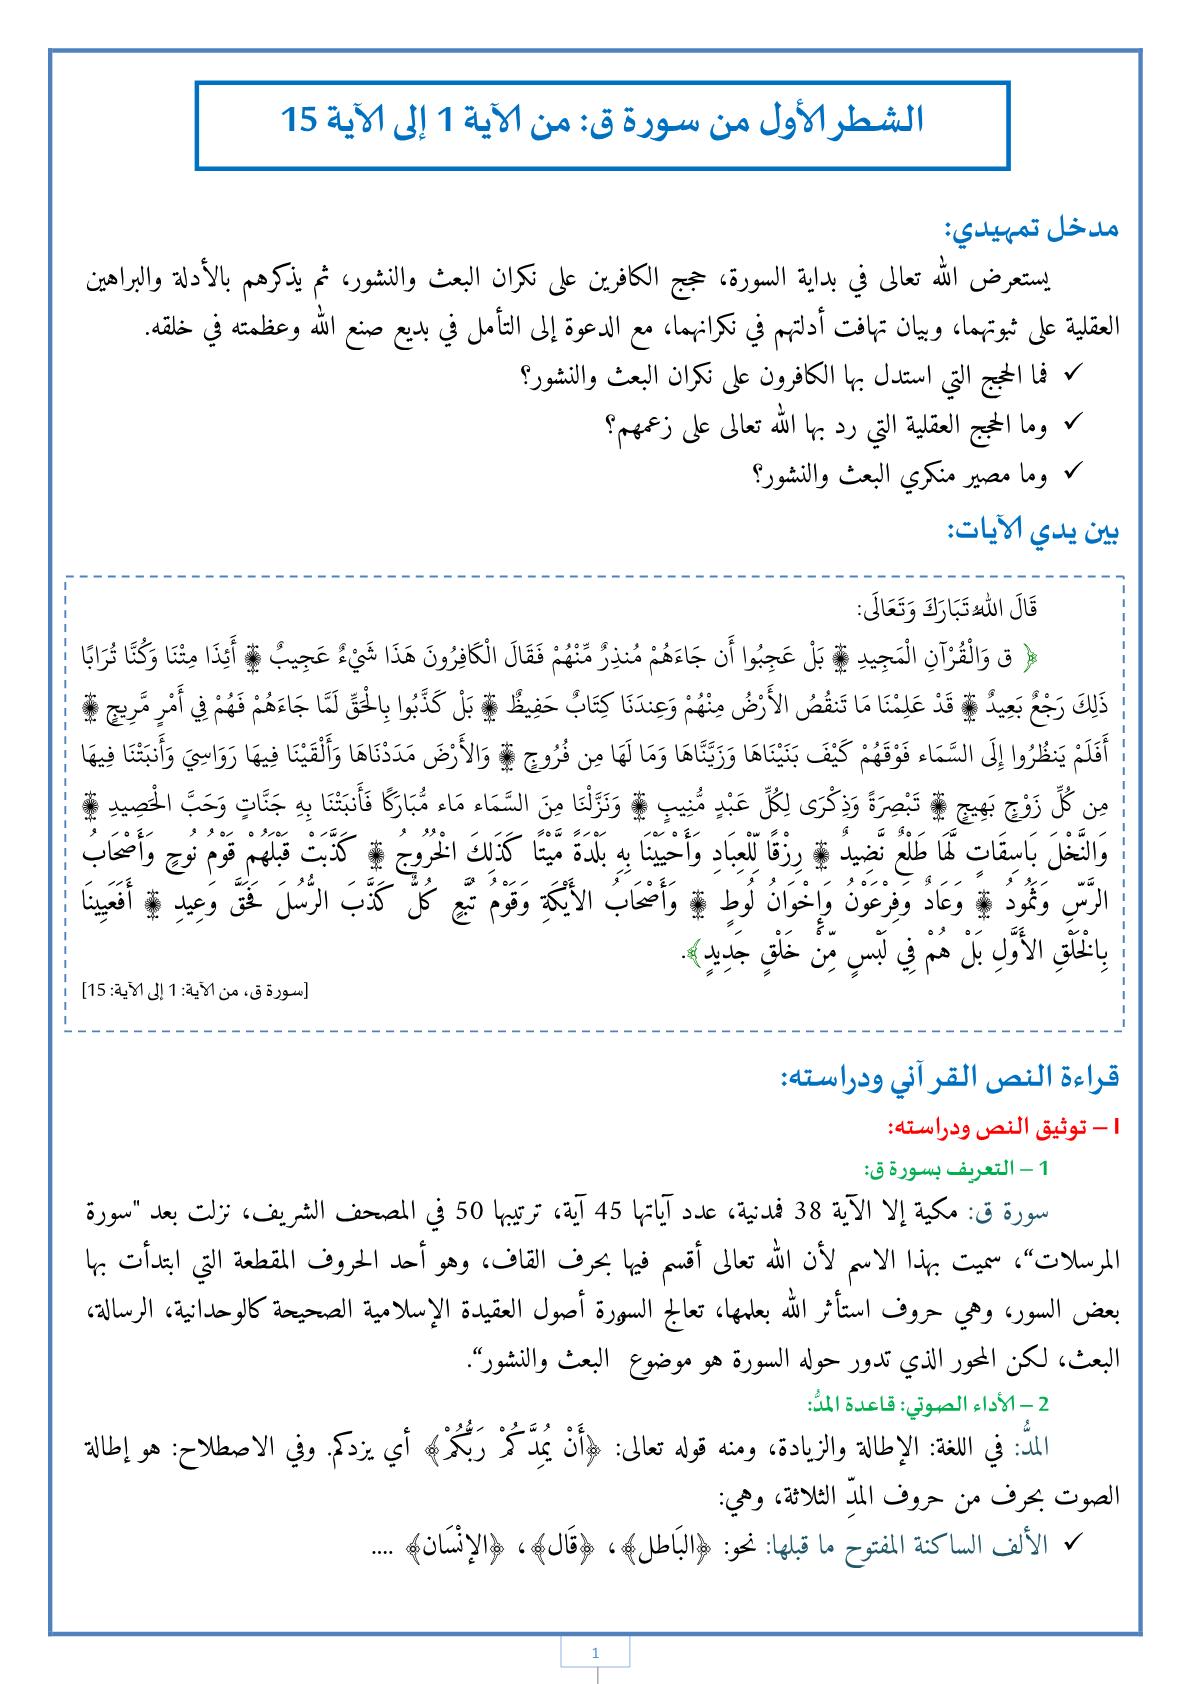 درس سورة ق الشطر الأول من الاية 1 الى 15 للسنة الاولى اعدادي - الدراسة